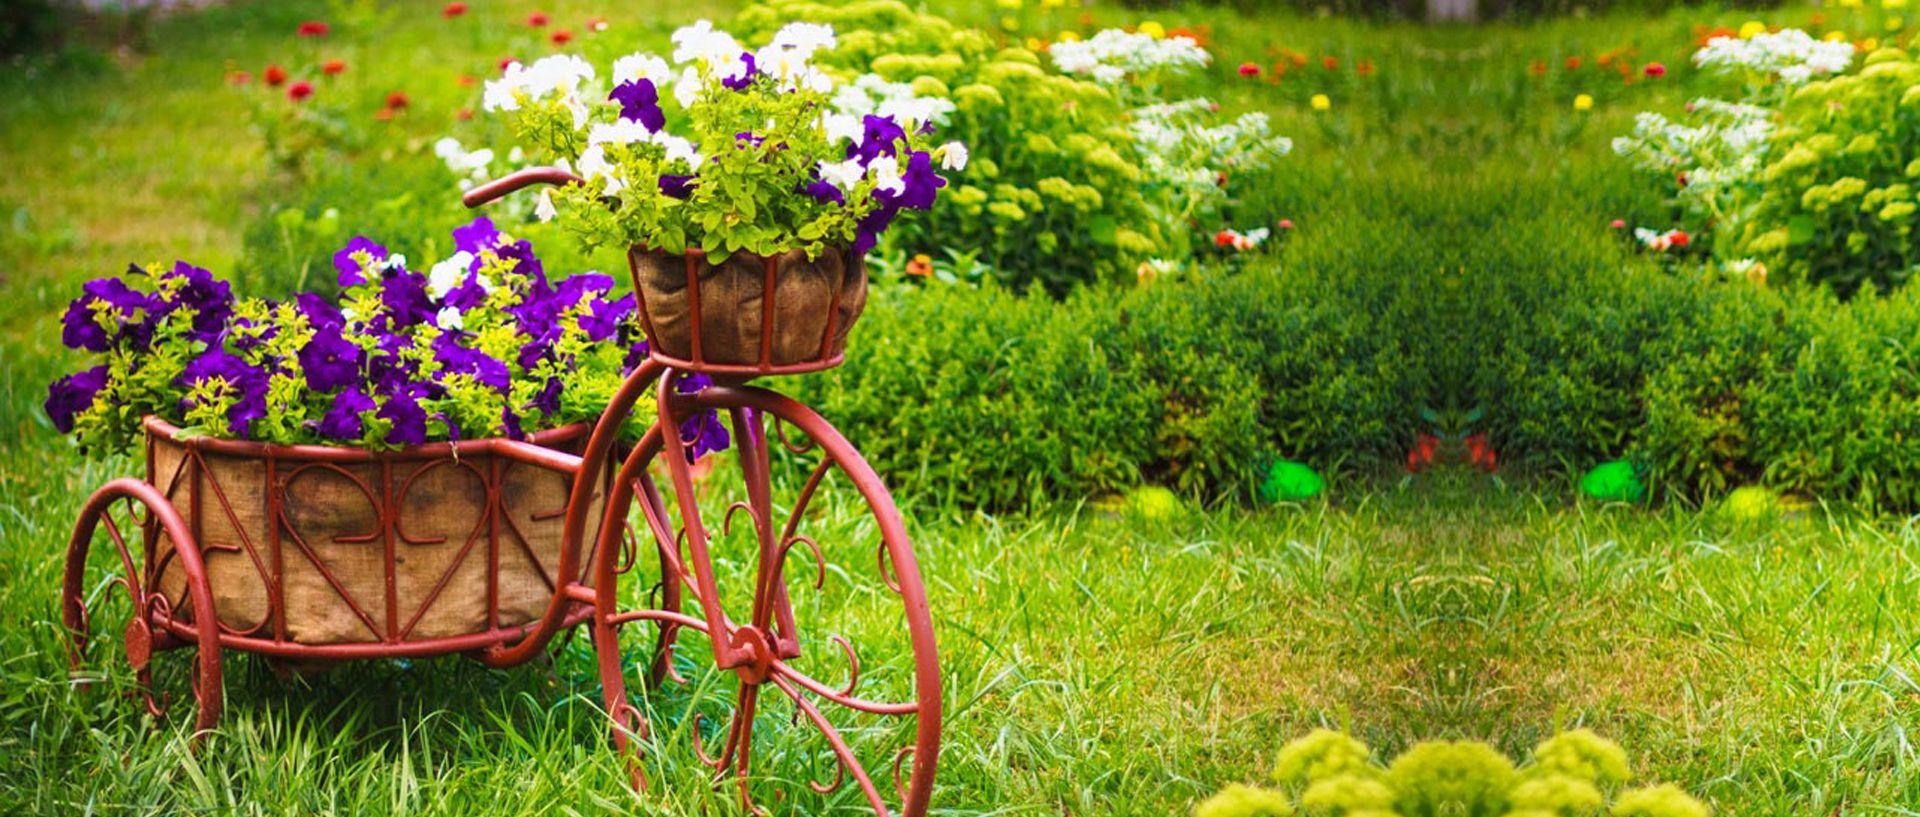 حديقة نبات زهرة ربيع الخلفية Beautiful Flowers Garden Flower Garden Flower Garden Ideas Landscaping